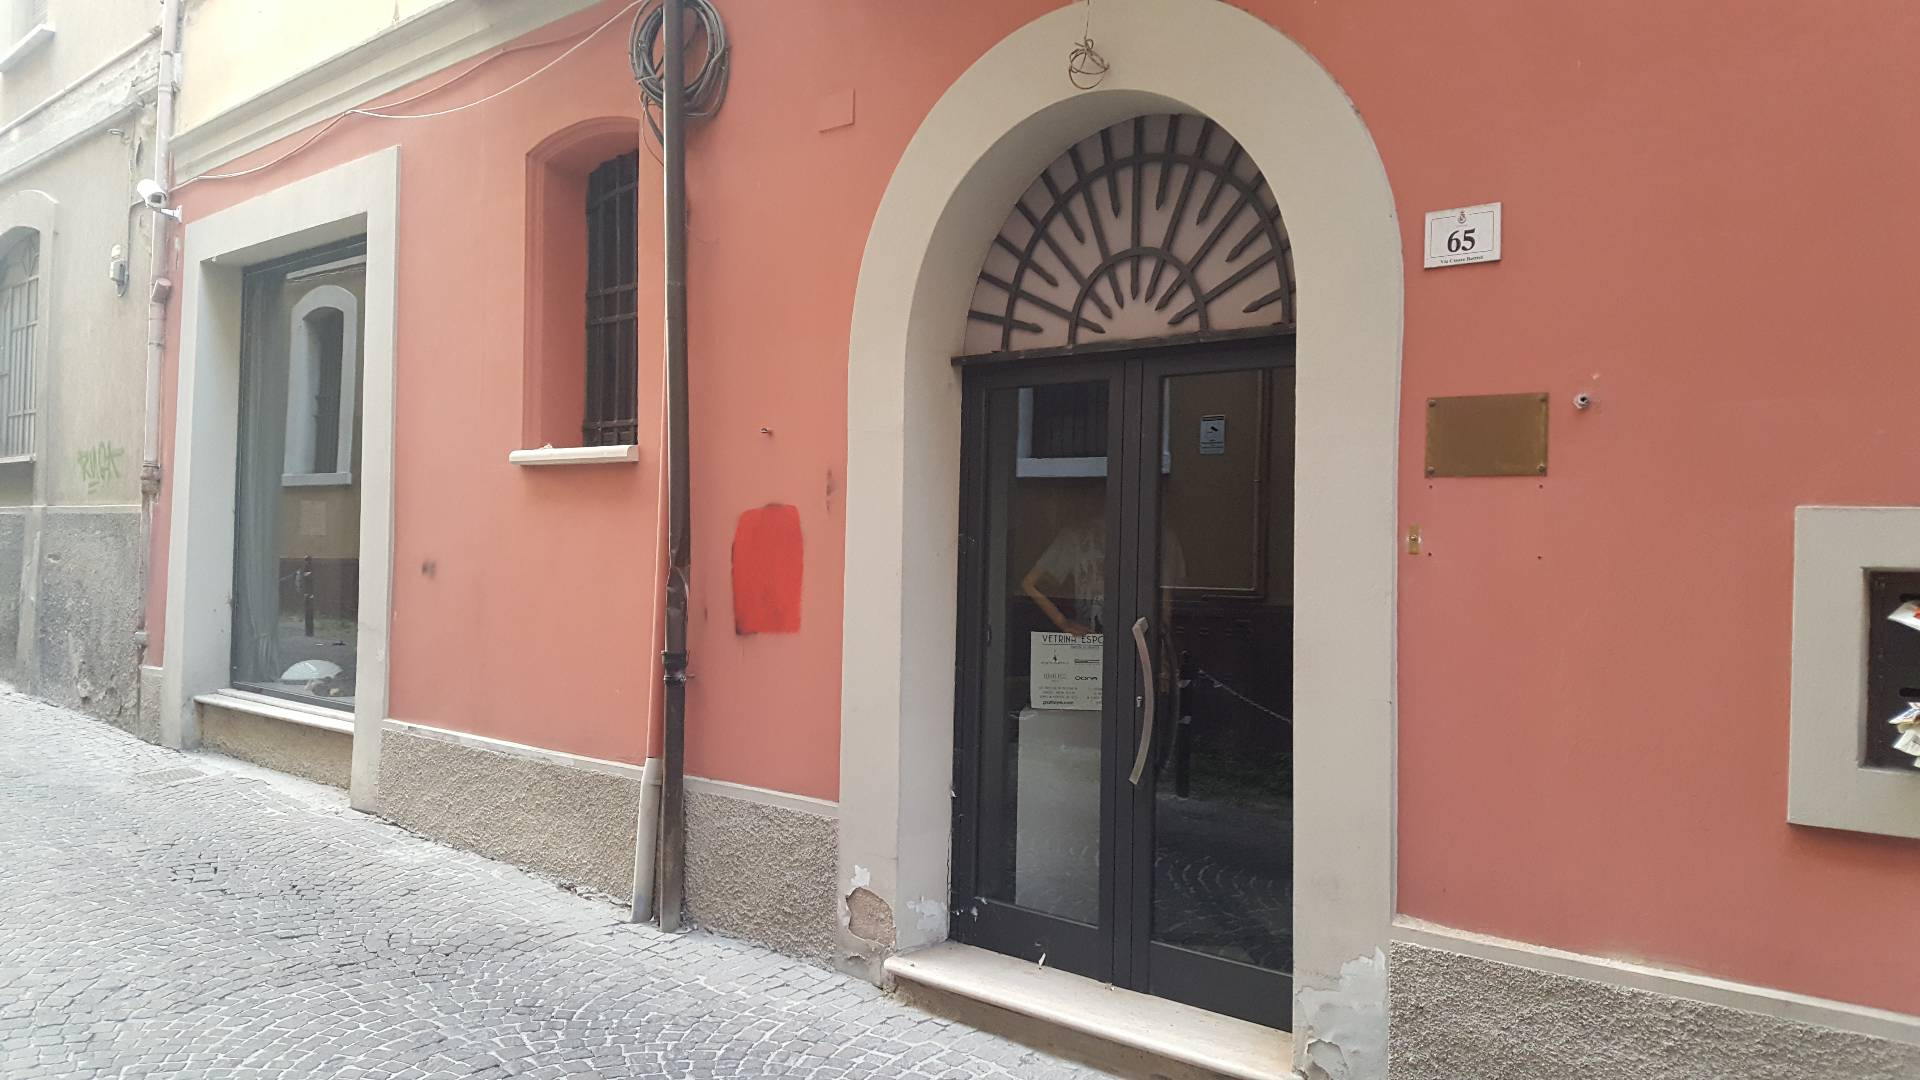 Negozio / Locale in affitto a Teramo, 9999 locali, prezzo € 450 | CambioCasa.it